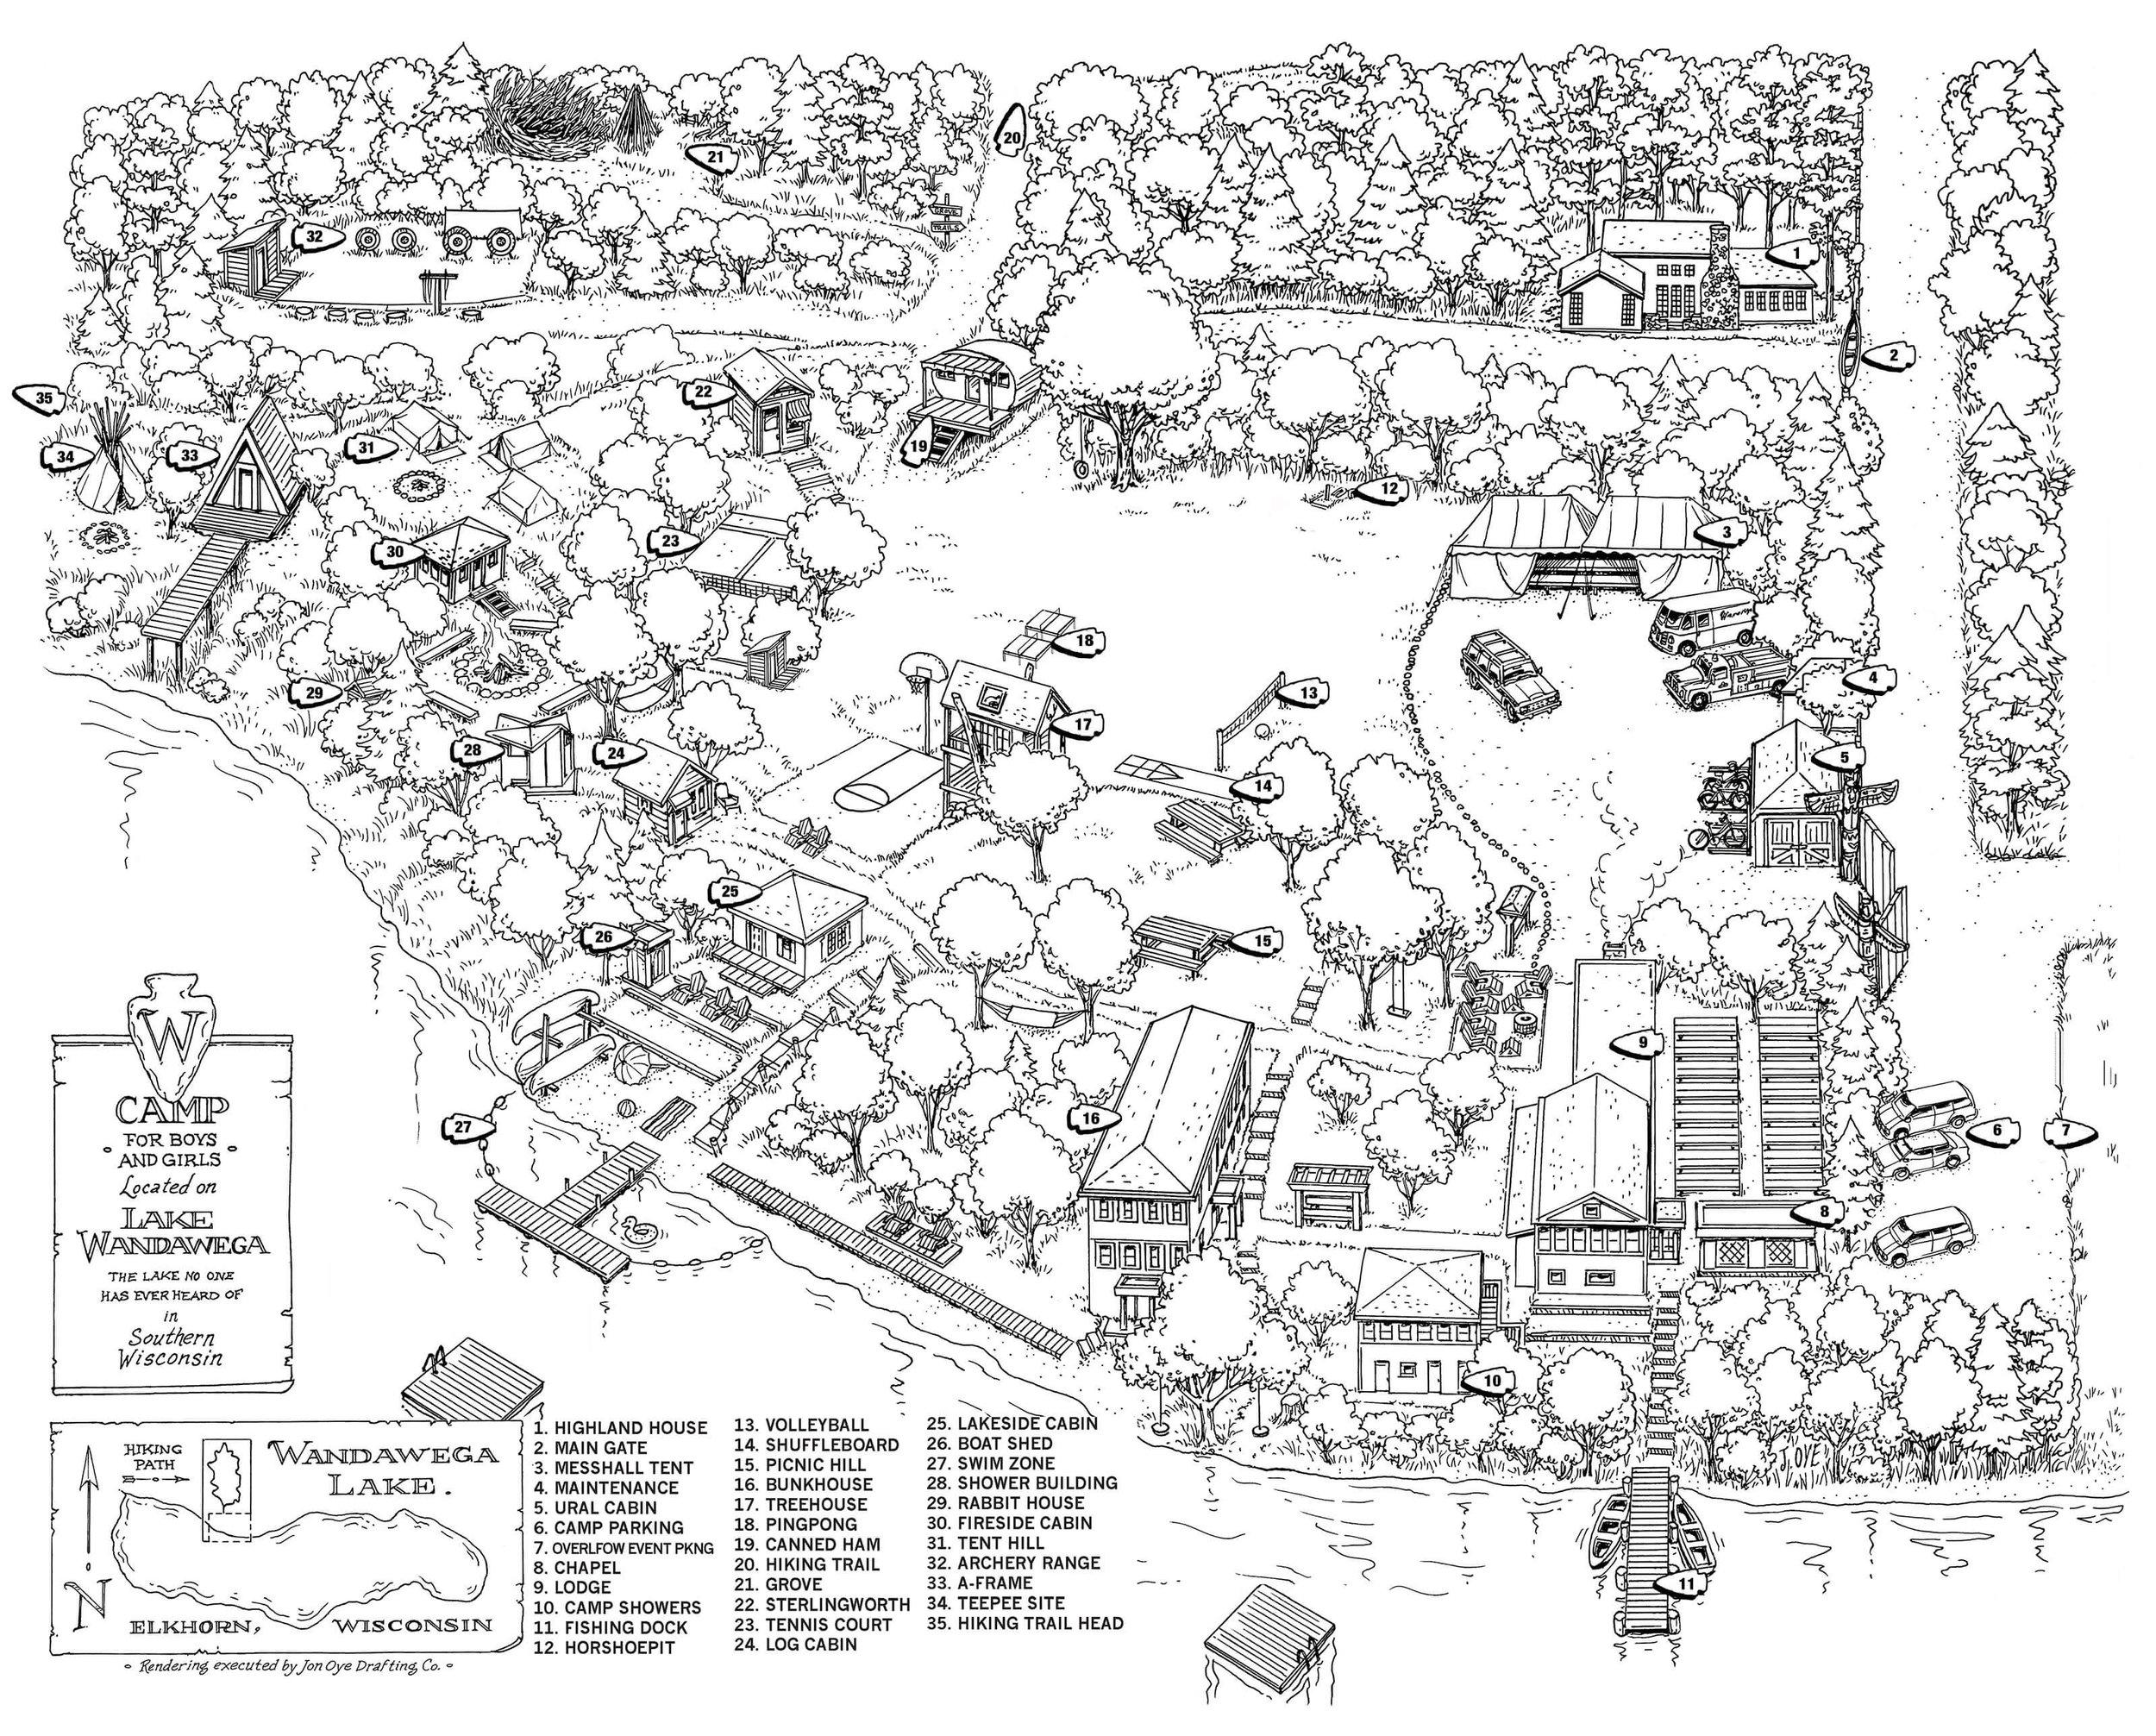 Map of Camp Wandawega. Image via  www.wandawega.com